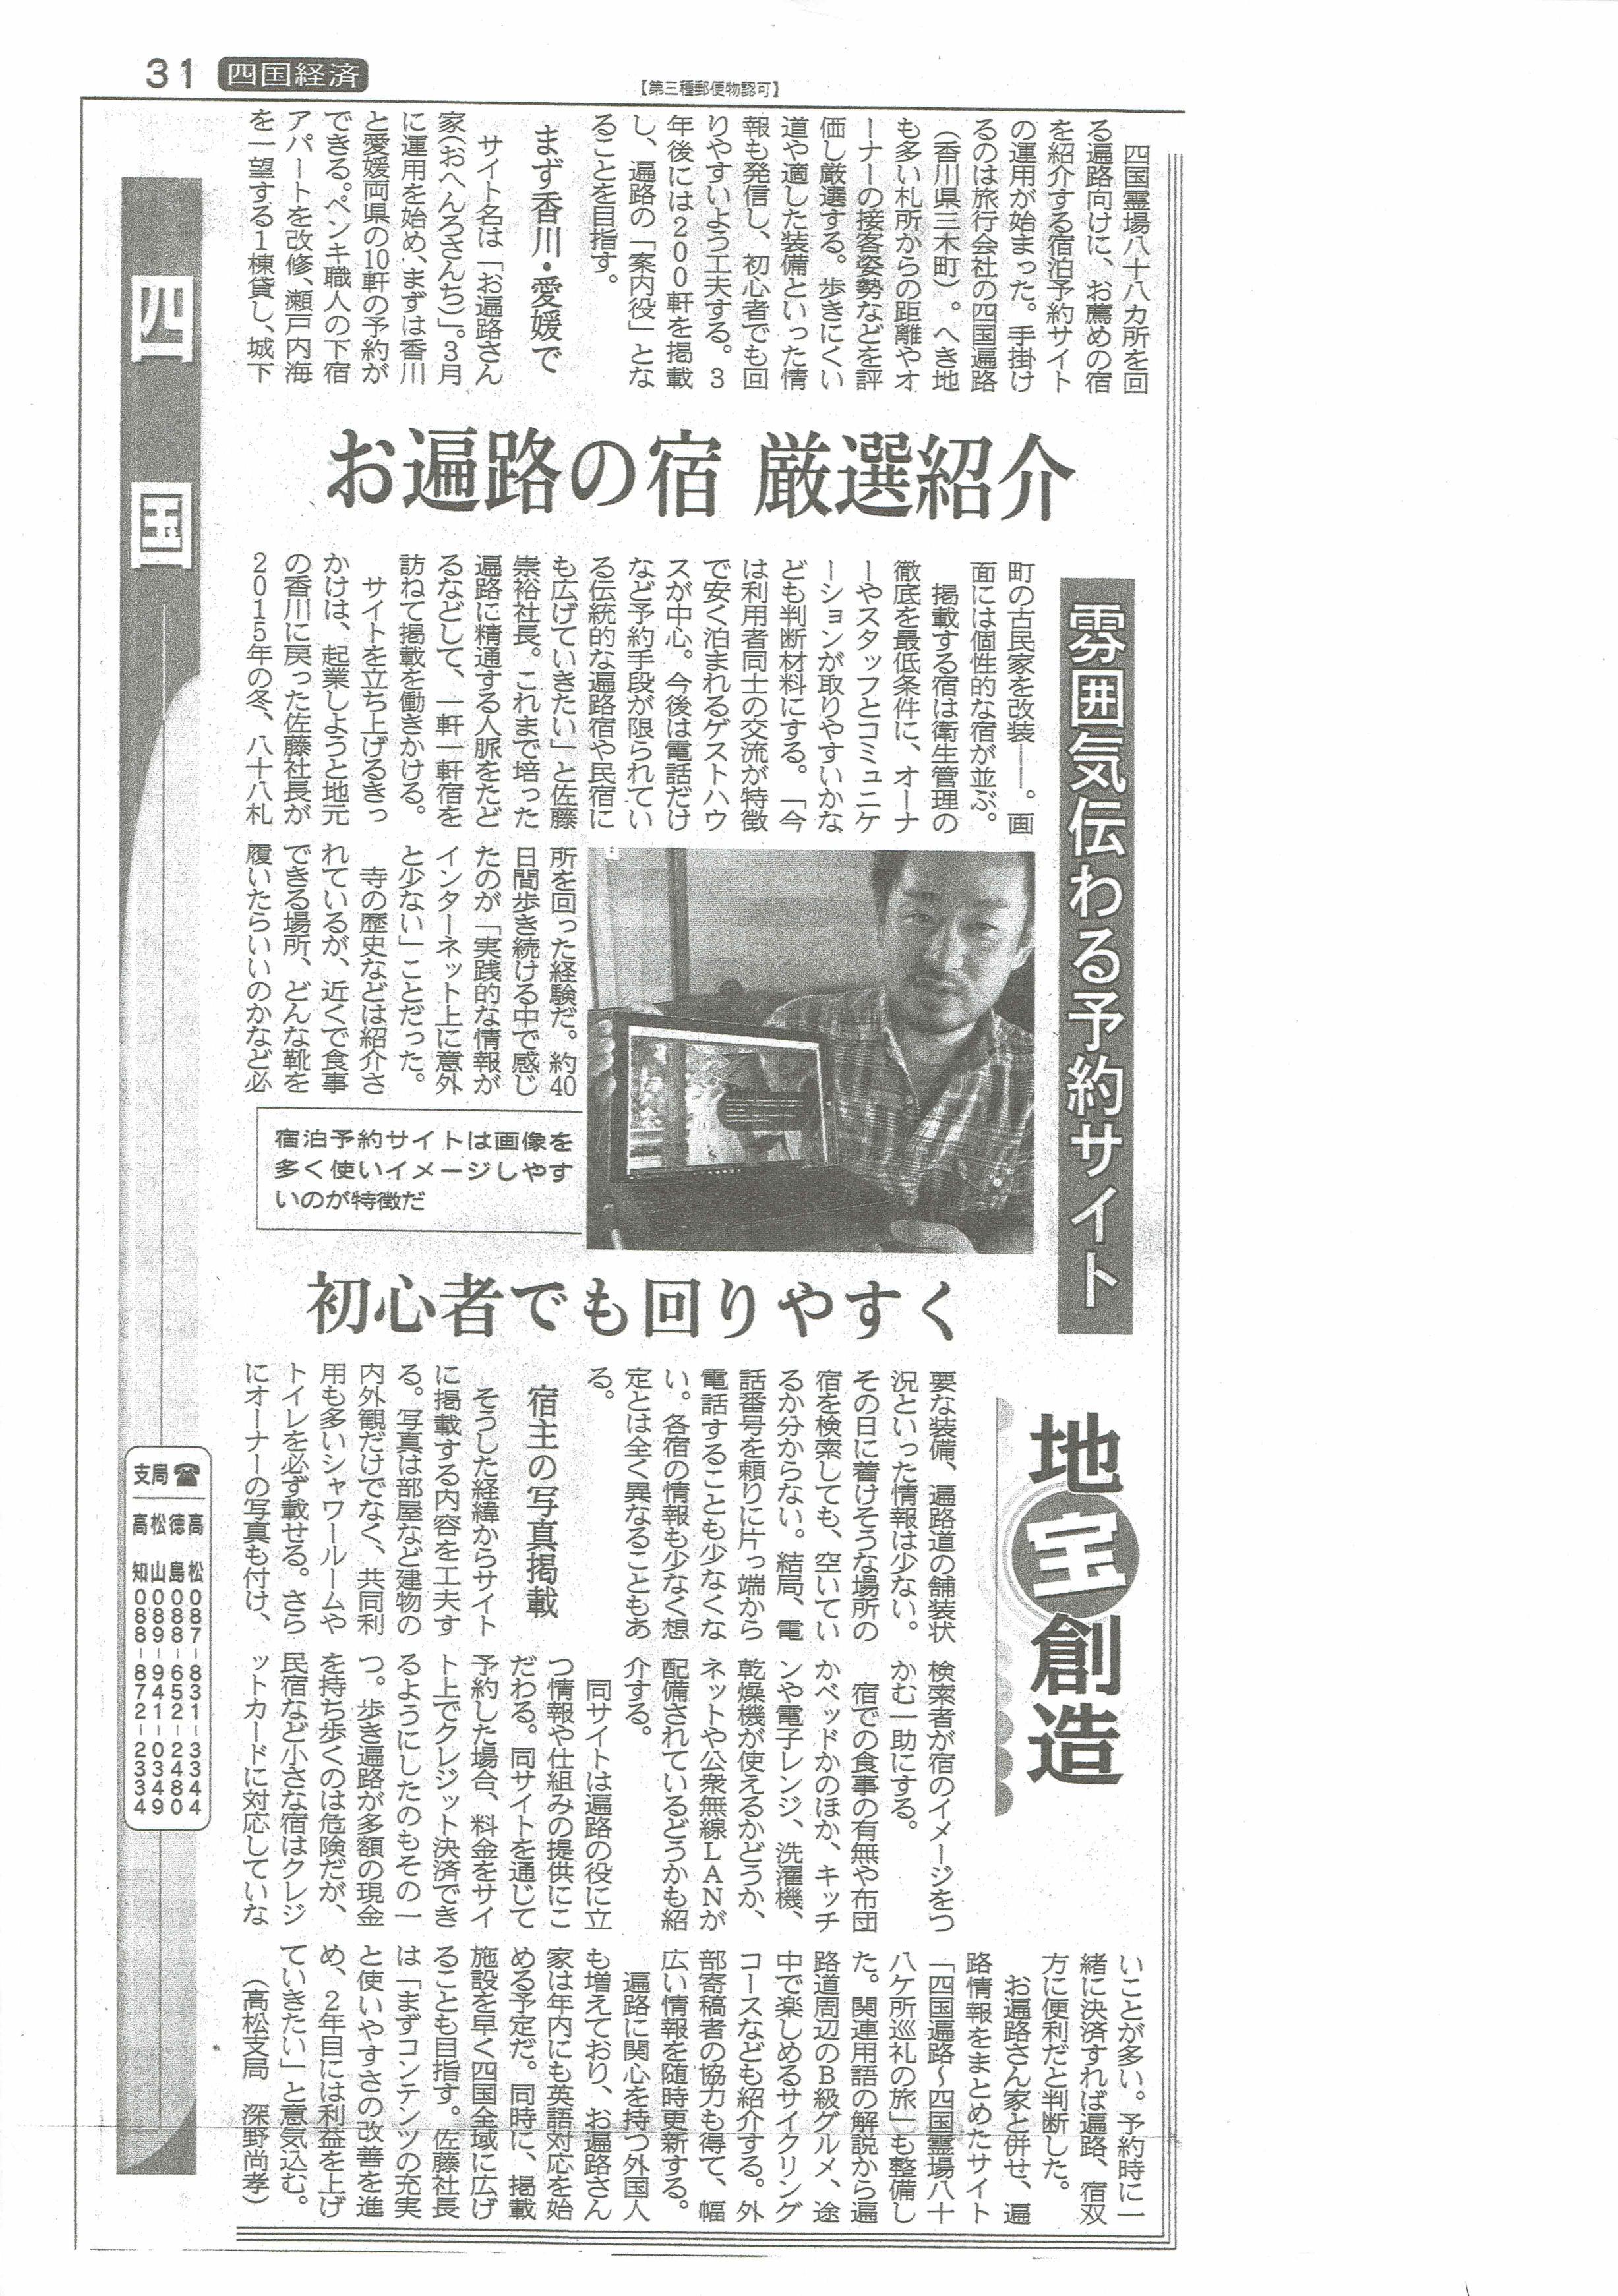 日本経済新聞四国版_2016年6月3日